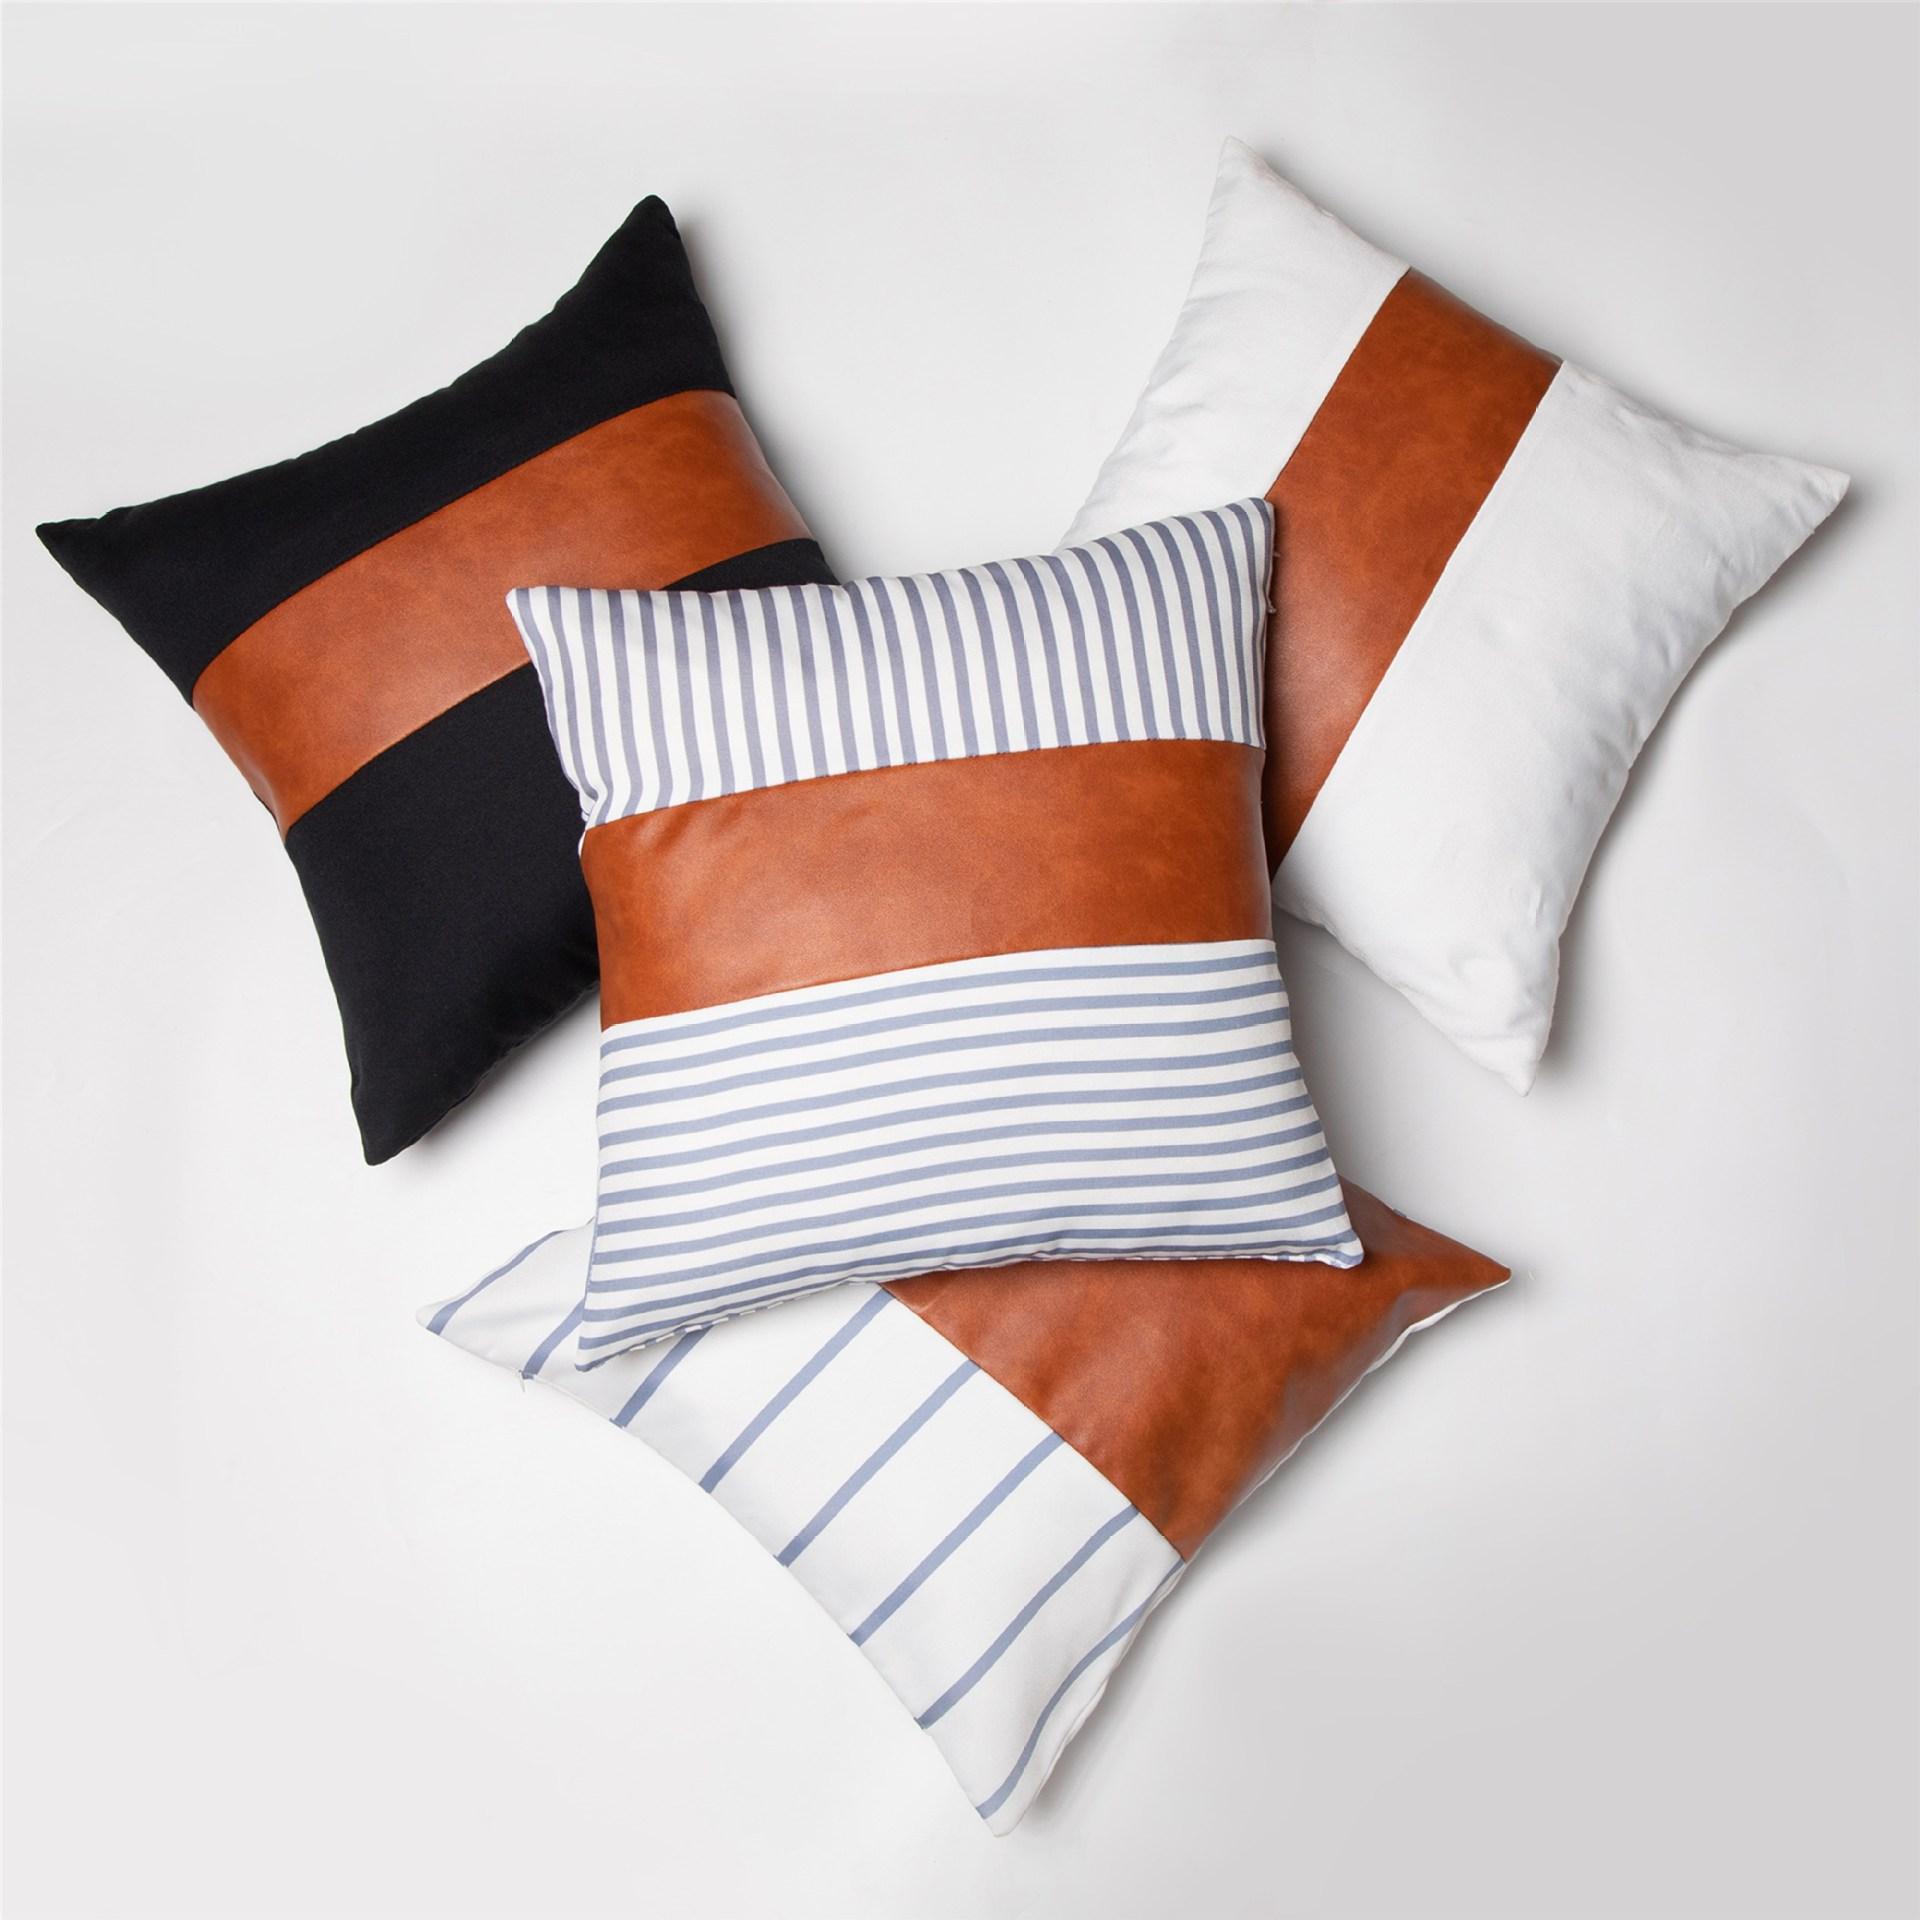 Mode-Streifen PU-Kissenbezug 18x18Inch aus weichem Leder Canvas Patchwork Pillowcase Sofa Kissenbezug Startseite Dekorative Kissenbezug DBC VT0890